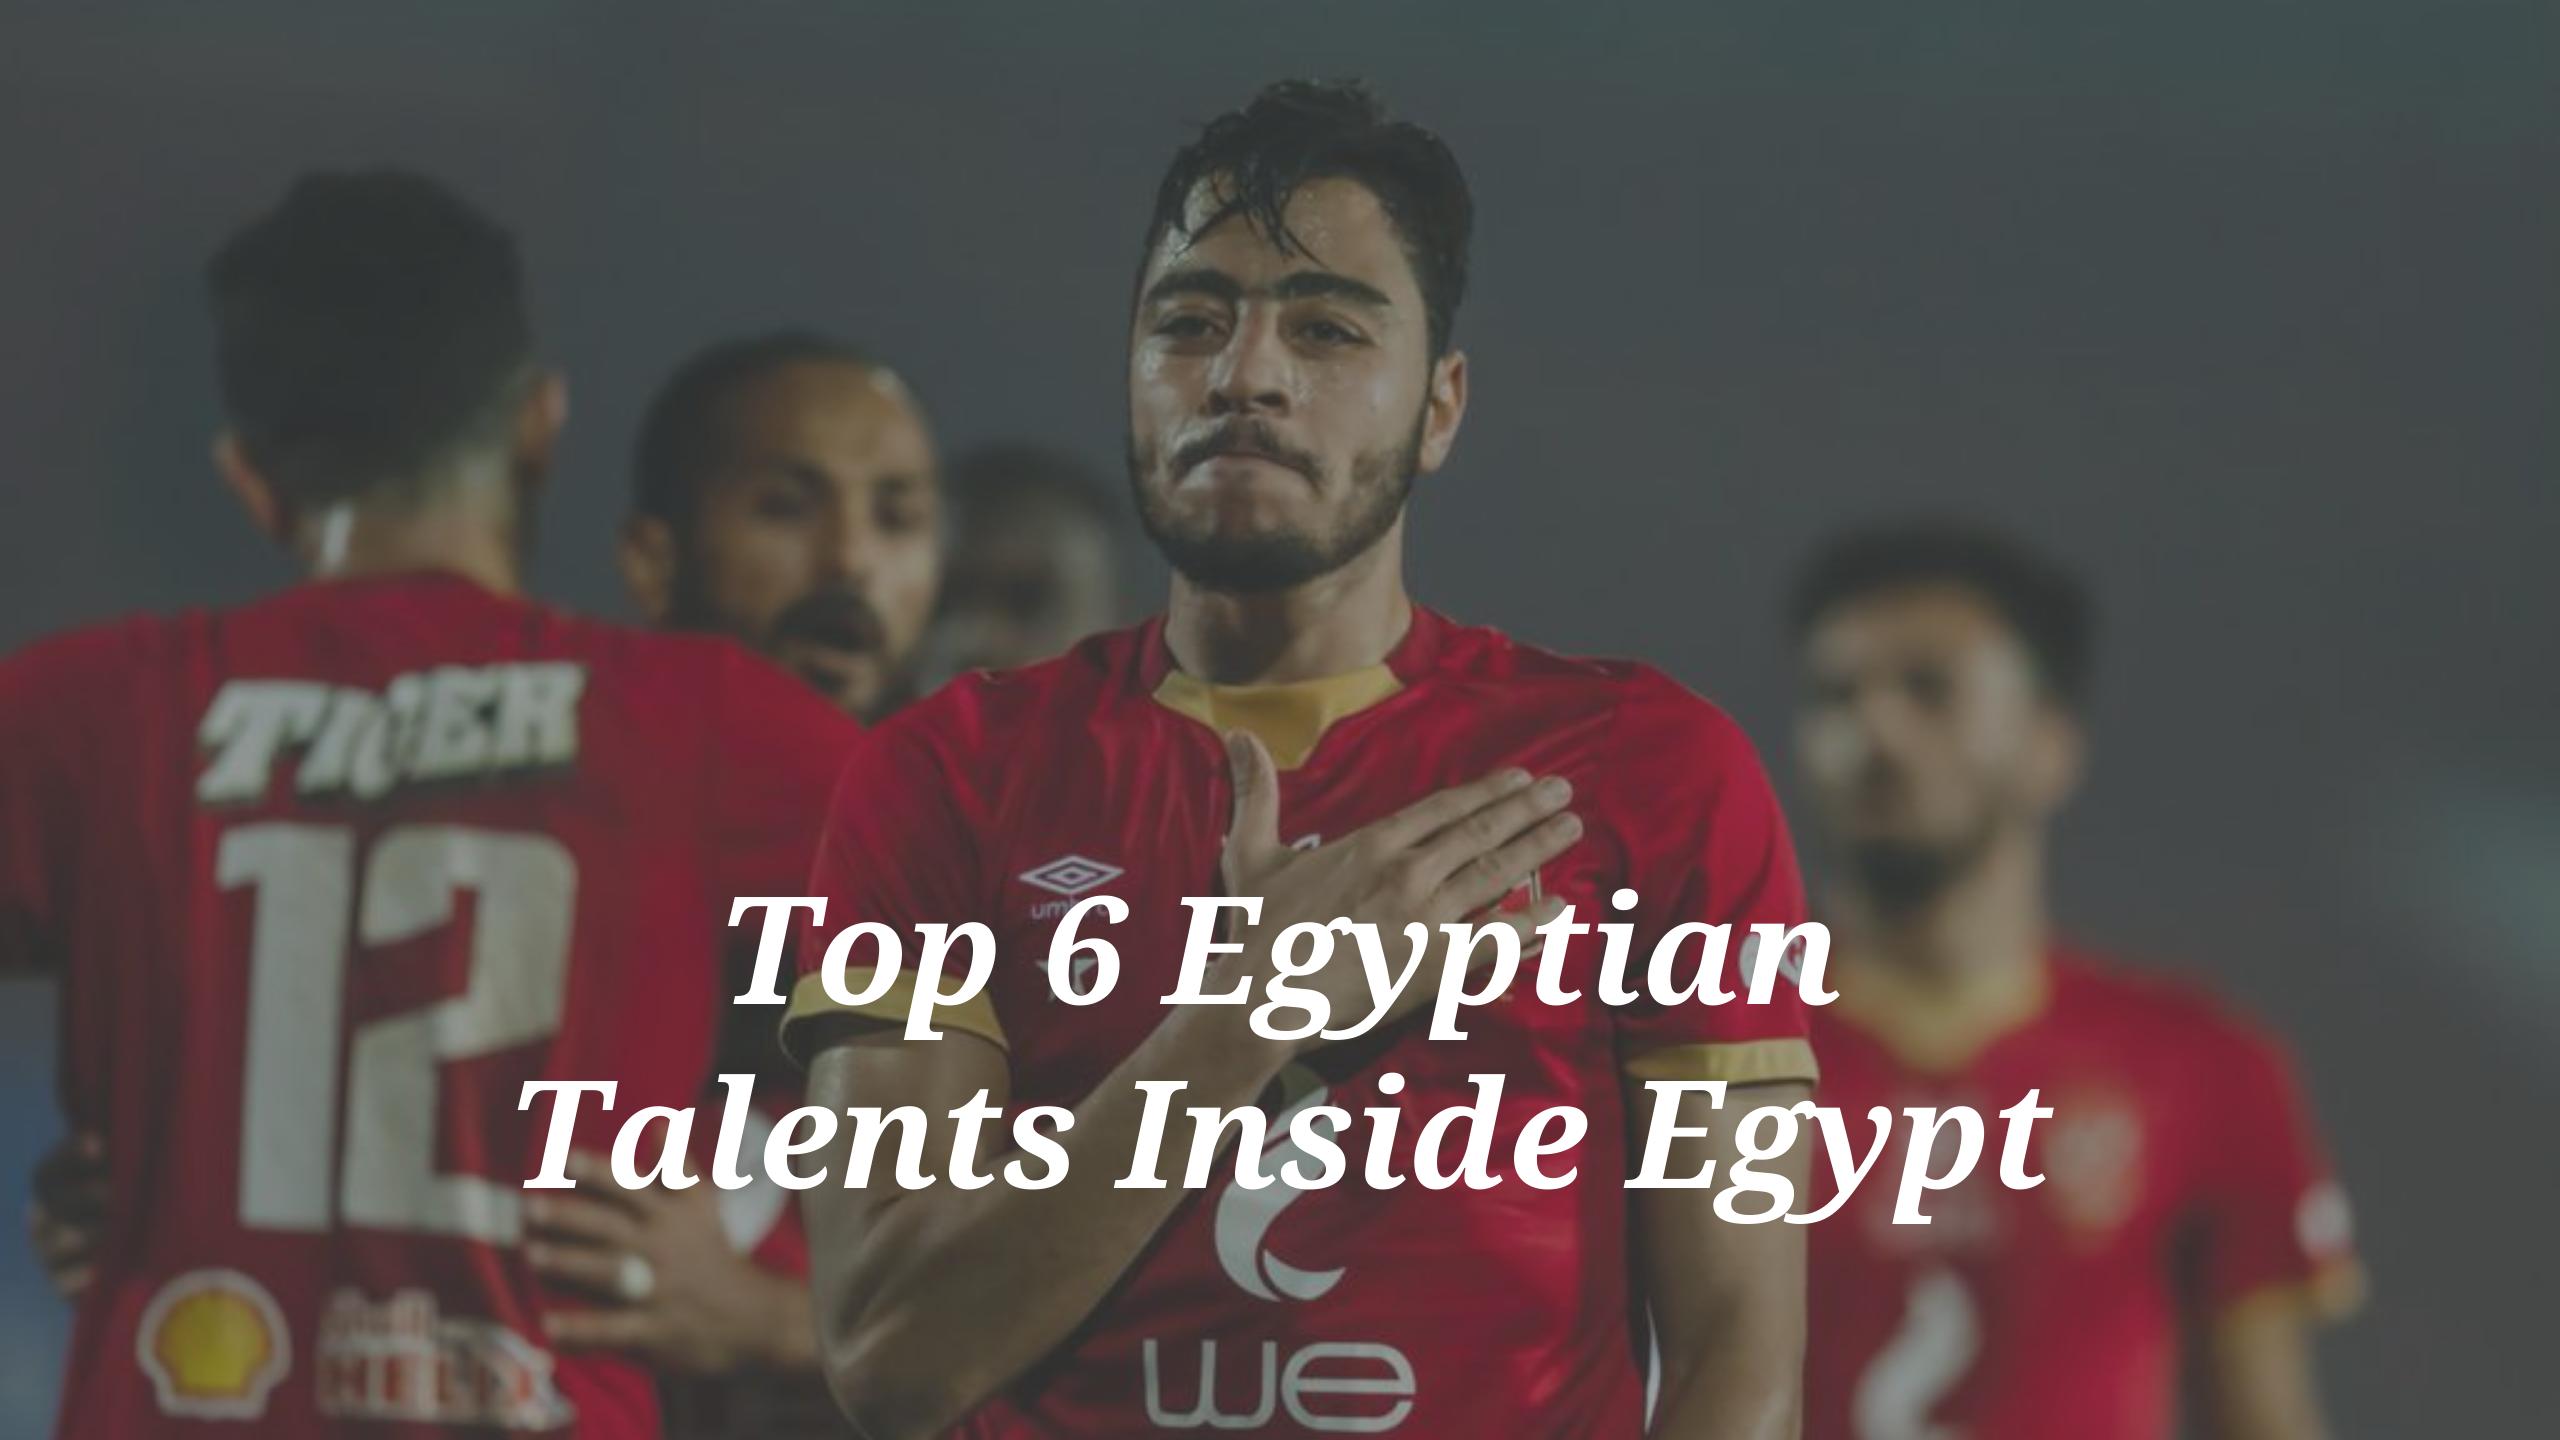 Top 6 Egyptian Talents Inside Egypt